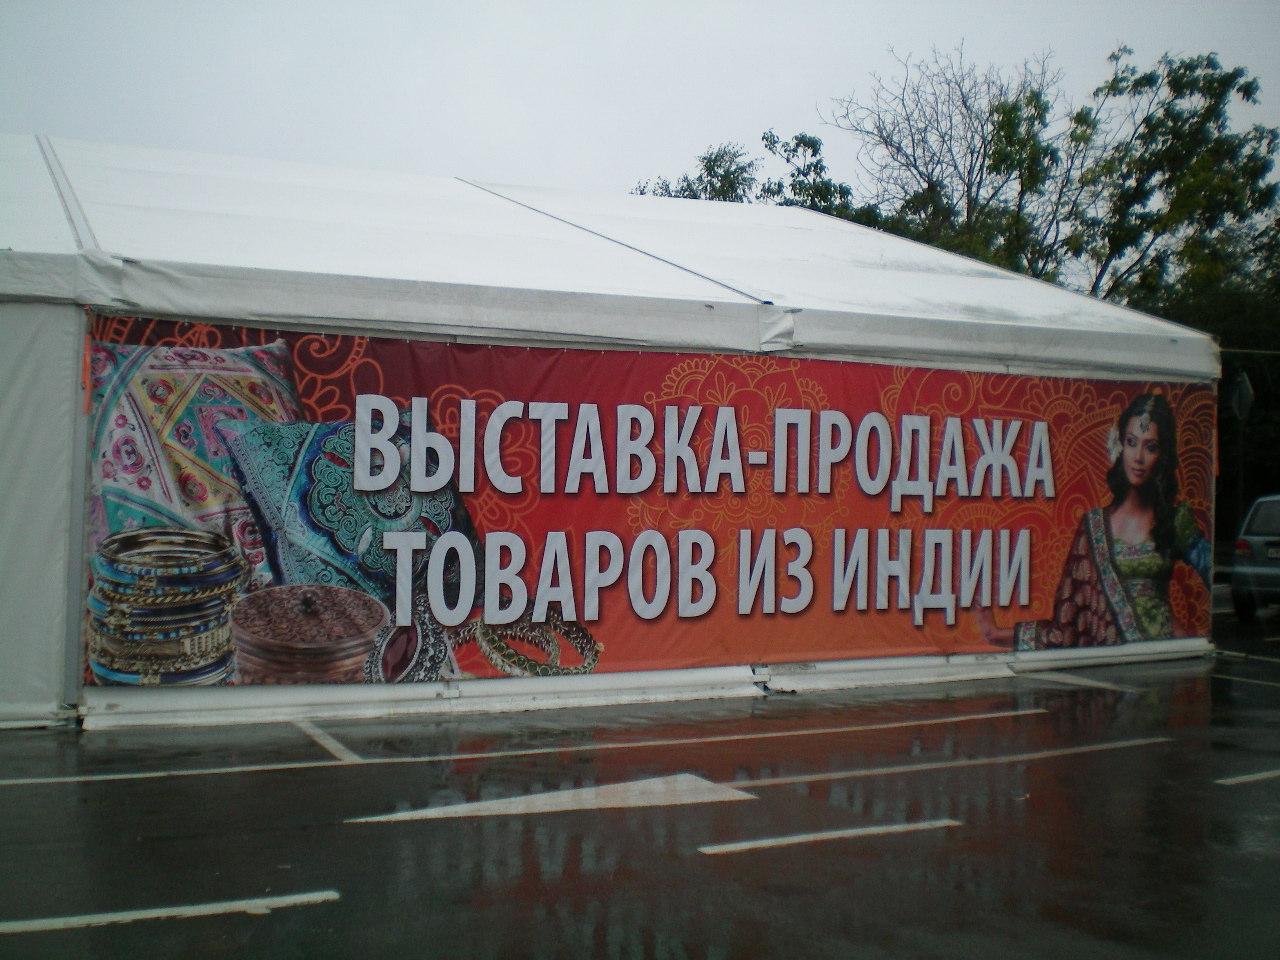 Выставка индийских товаров в Таганроге